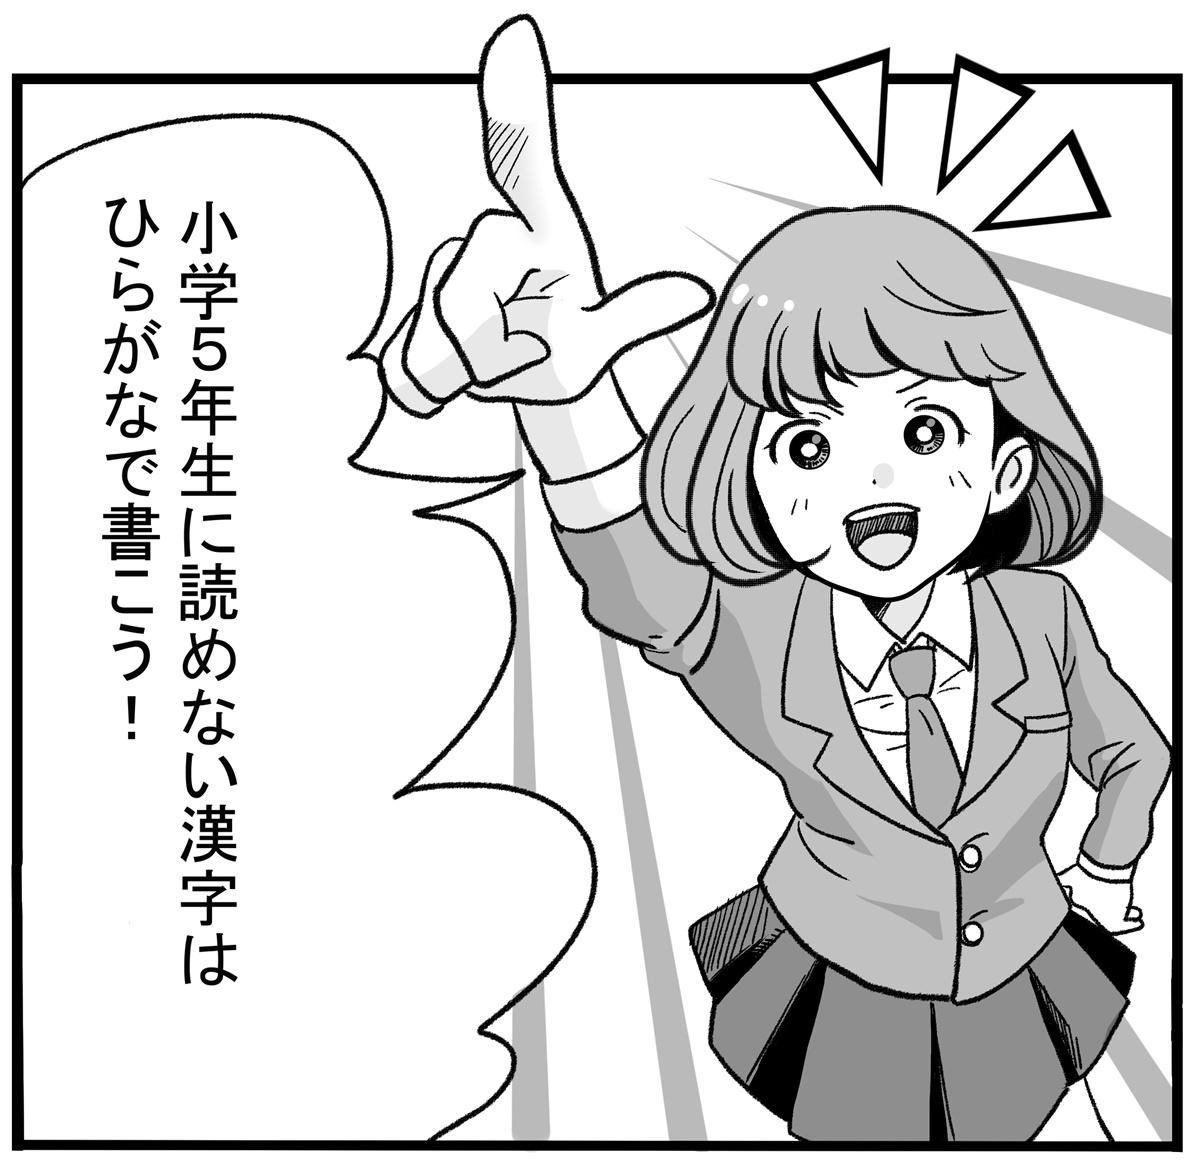 小説の書き方講座。小学5年生に読めない漢字はひらがなで書こう!